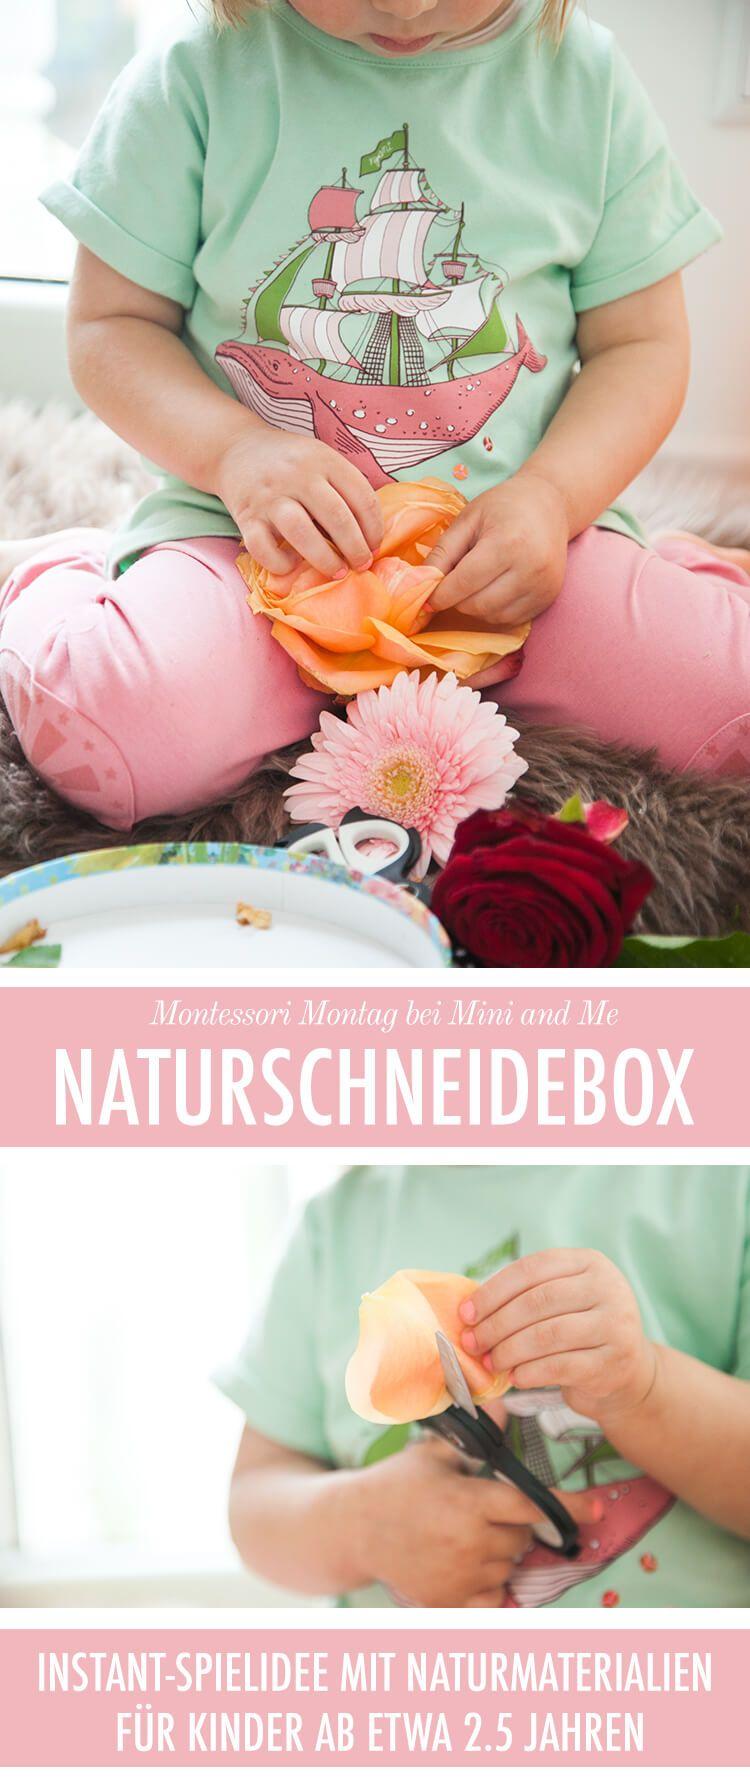 Die Naturschneidebox: eine pädagogisch wertvolle Instant-Spielidee (die auch noch Spaß macht) via @miniandmeblog